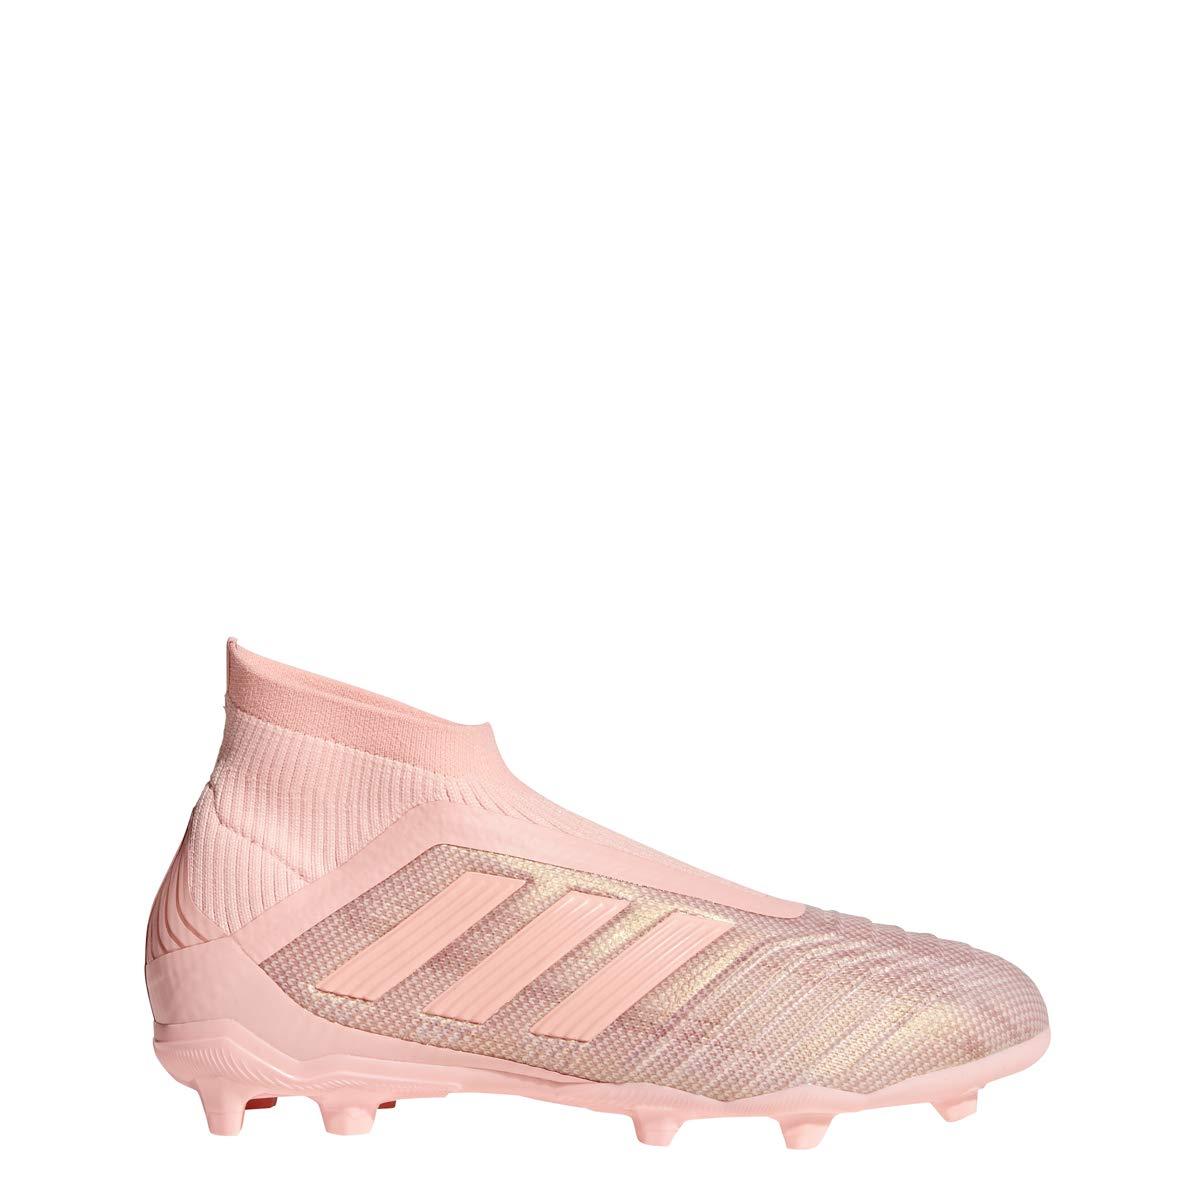 adidas Junior Predator 18+ FG (Clear Orange/Trace Pink) (5.5Y)